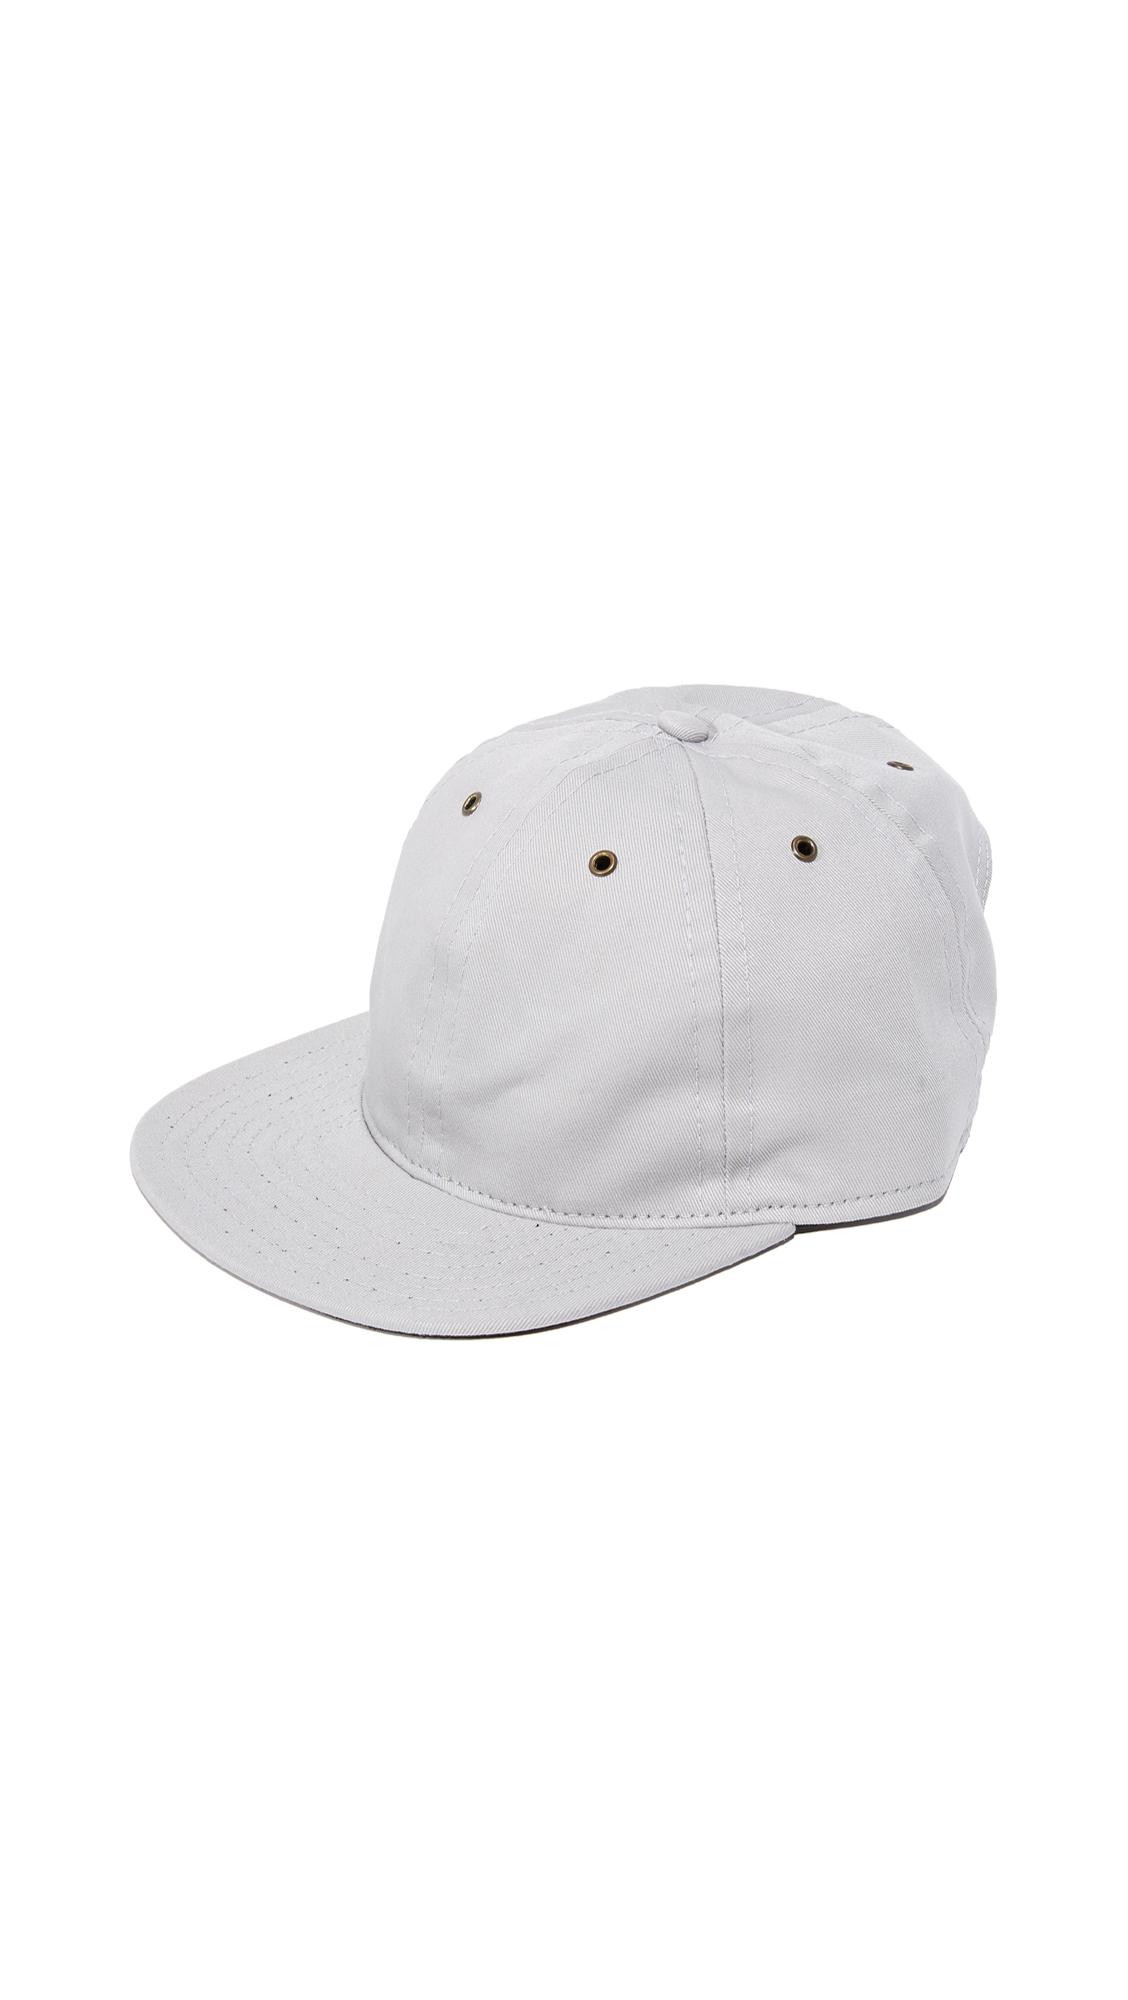 724d01f4f Fairends Ball Cap